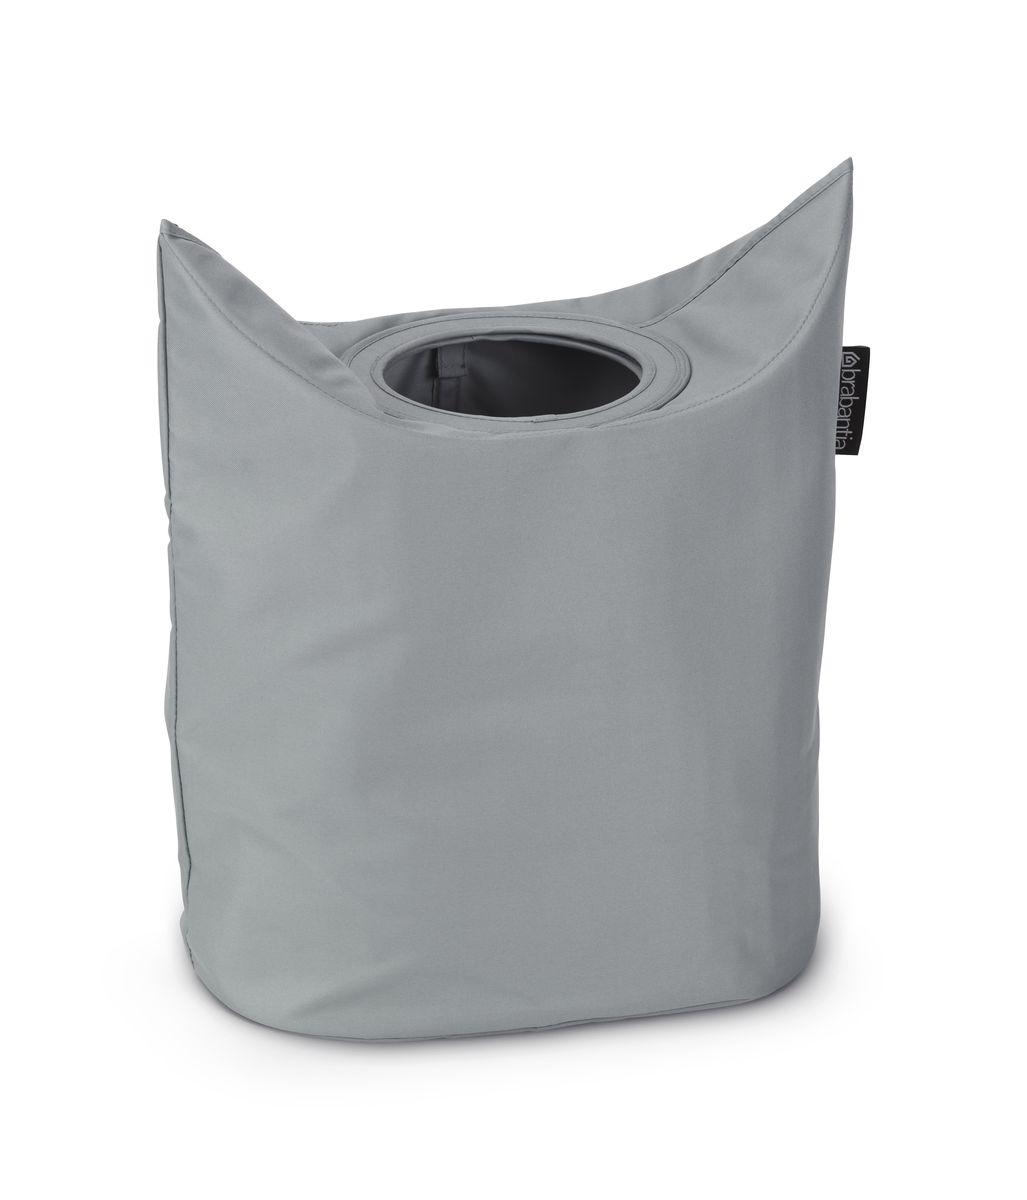 Сумка для белья Brabantia, цвет: серый. 1024482507020UОригинальная сумка для белья экономит место и превращает вашу стирку в увлекательное занятие. С помощью складывающихся магнитных ручек сумка закрывается и превращается в корзину для белья с загрузочным отверстием. Собрались стирать? Поднимите ручки, и ваша сумка готова к использованию. Загрузочное отверстие для быстрой загрузки белья – просто сложите магнитные ручки; Большие удобные ручки для переноски; Удобно загружать белье в стиральную машину – большая вместимость и широкое отверстие; 2 года гарантии Brabantia.